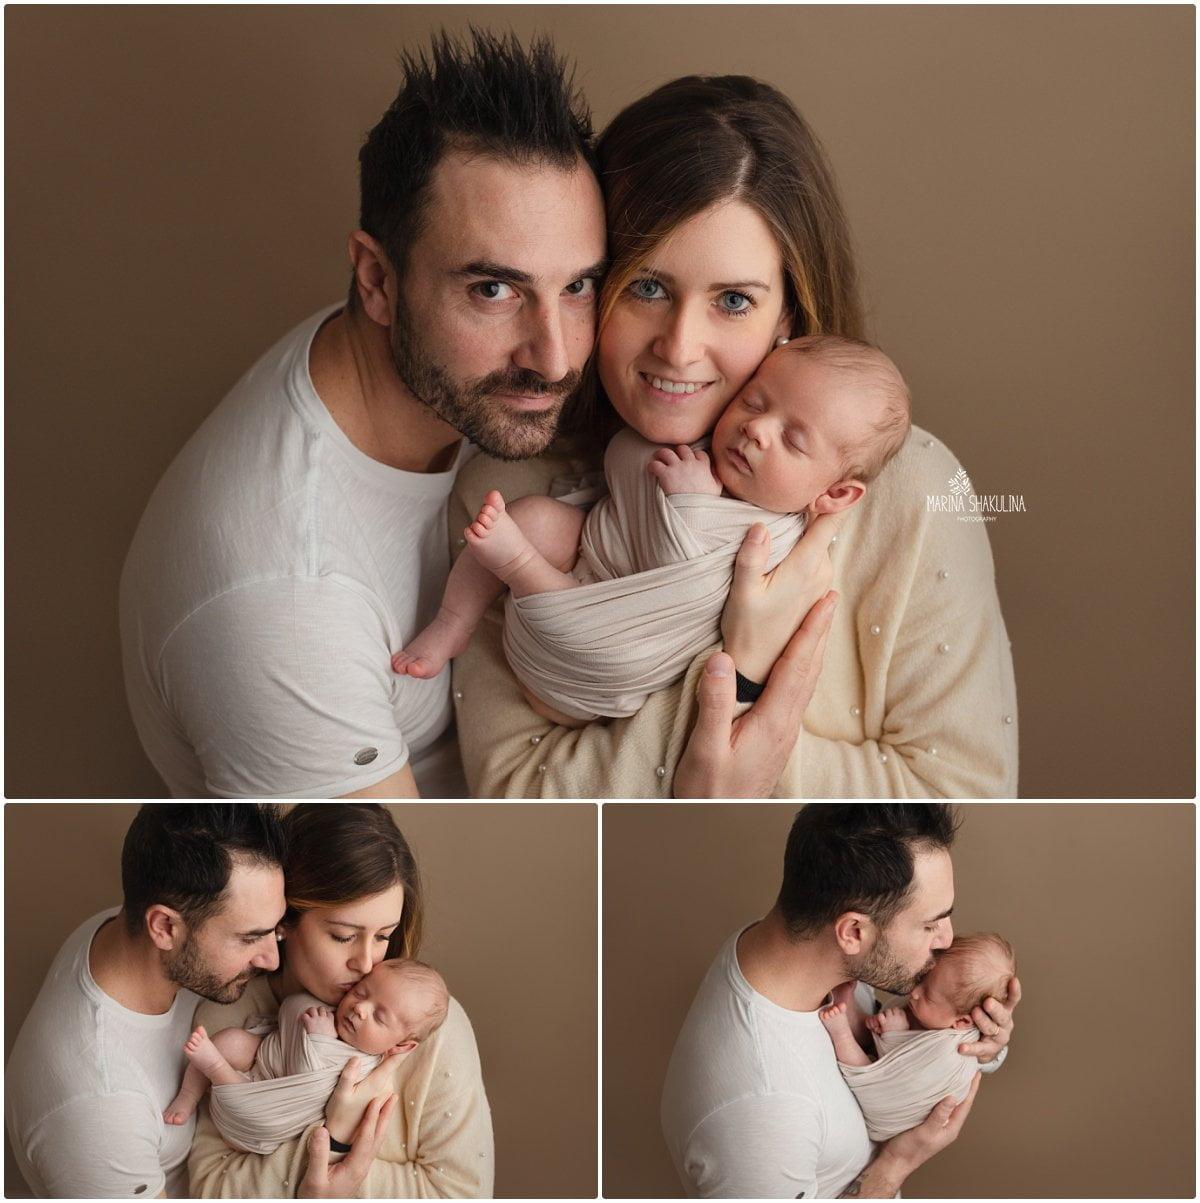 mini servizio fotografico neonato - dolce fagottino